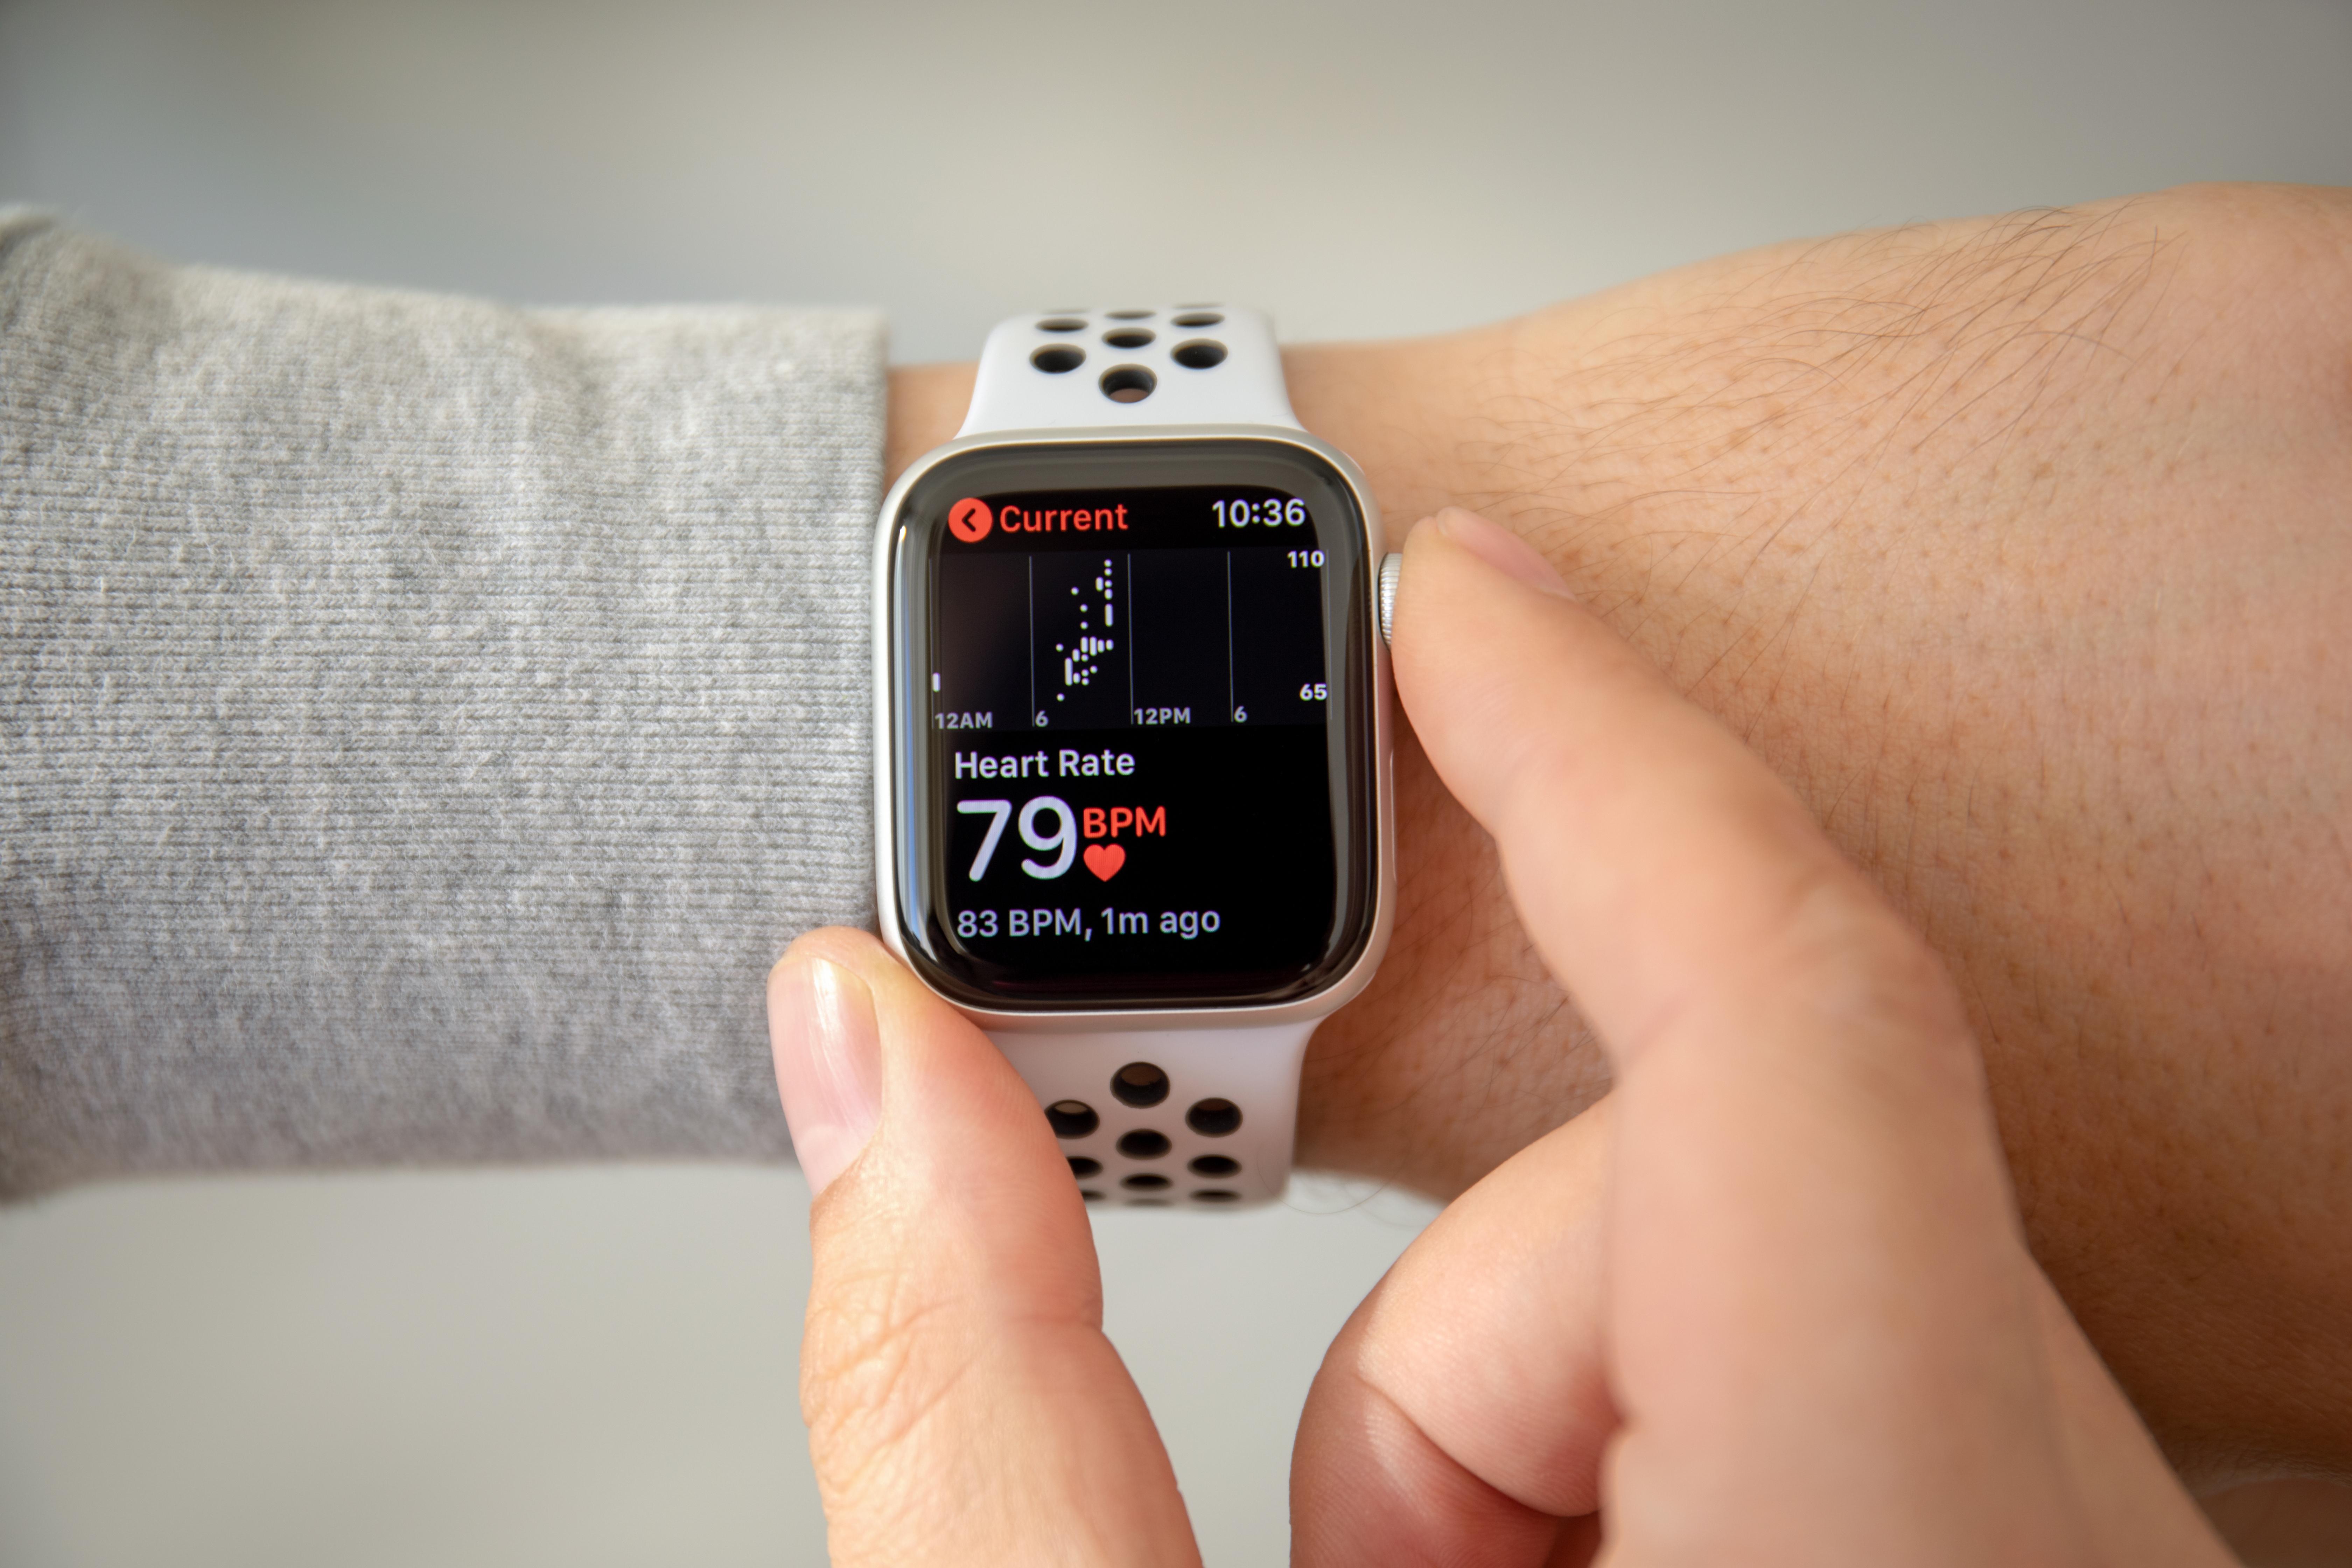 Apples studie om rörelse och hjärthälsa kommer att undersöka sambandet mellan hjärthälsa och rörelsemönster, till exempel hur fort en person går.